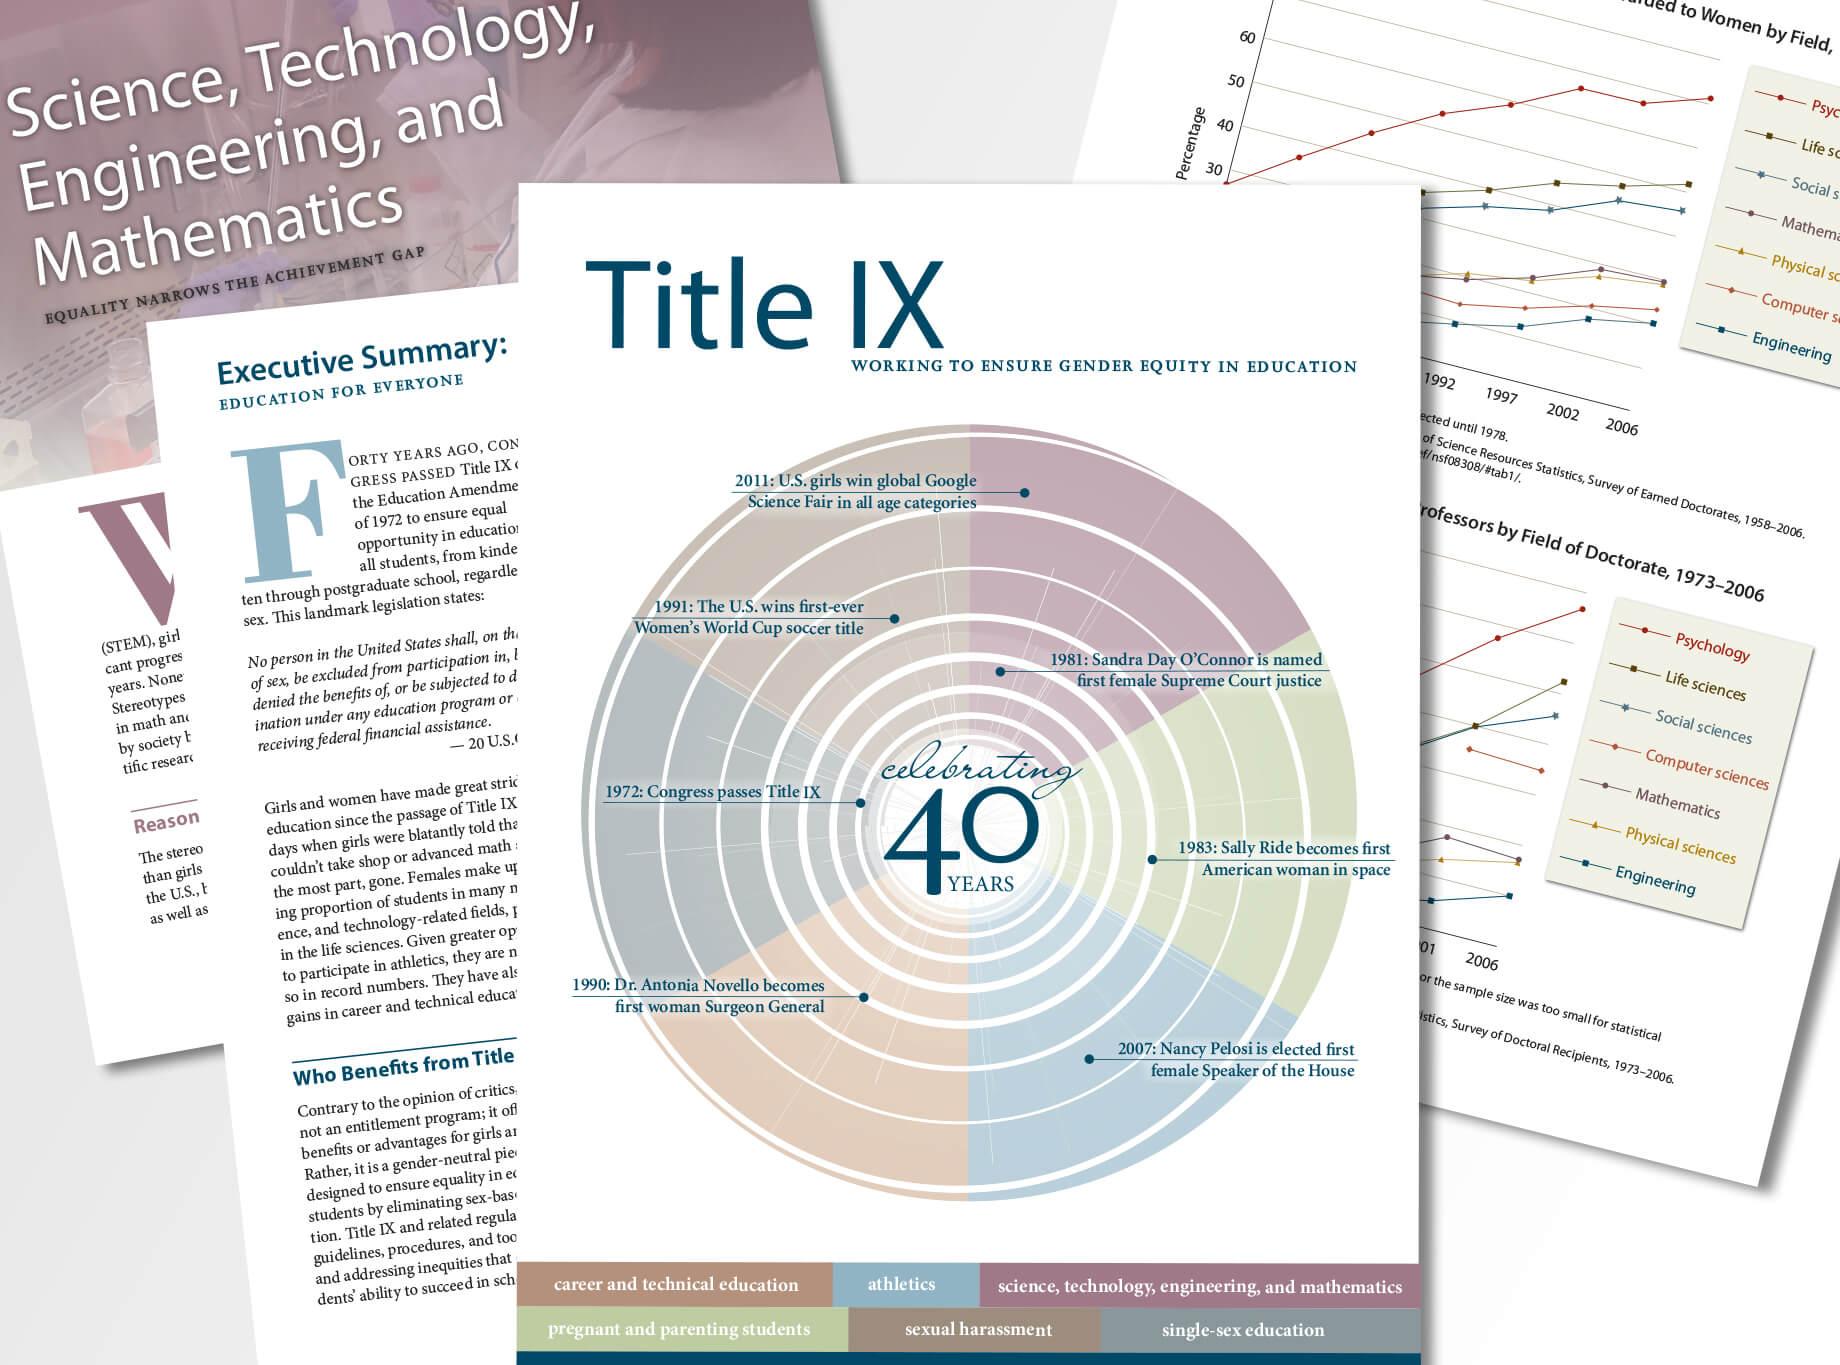 Title IX at 40 report